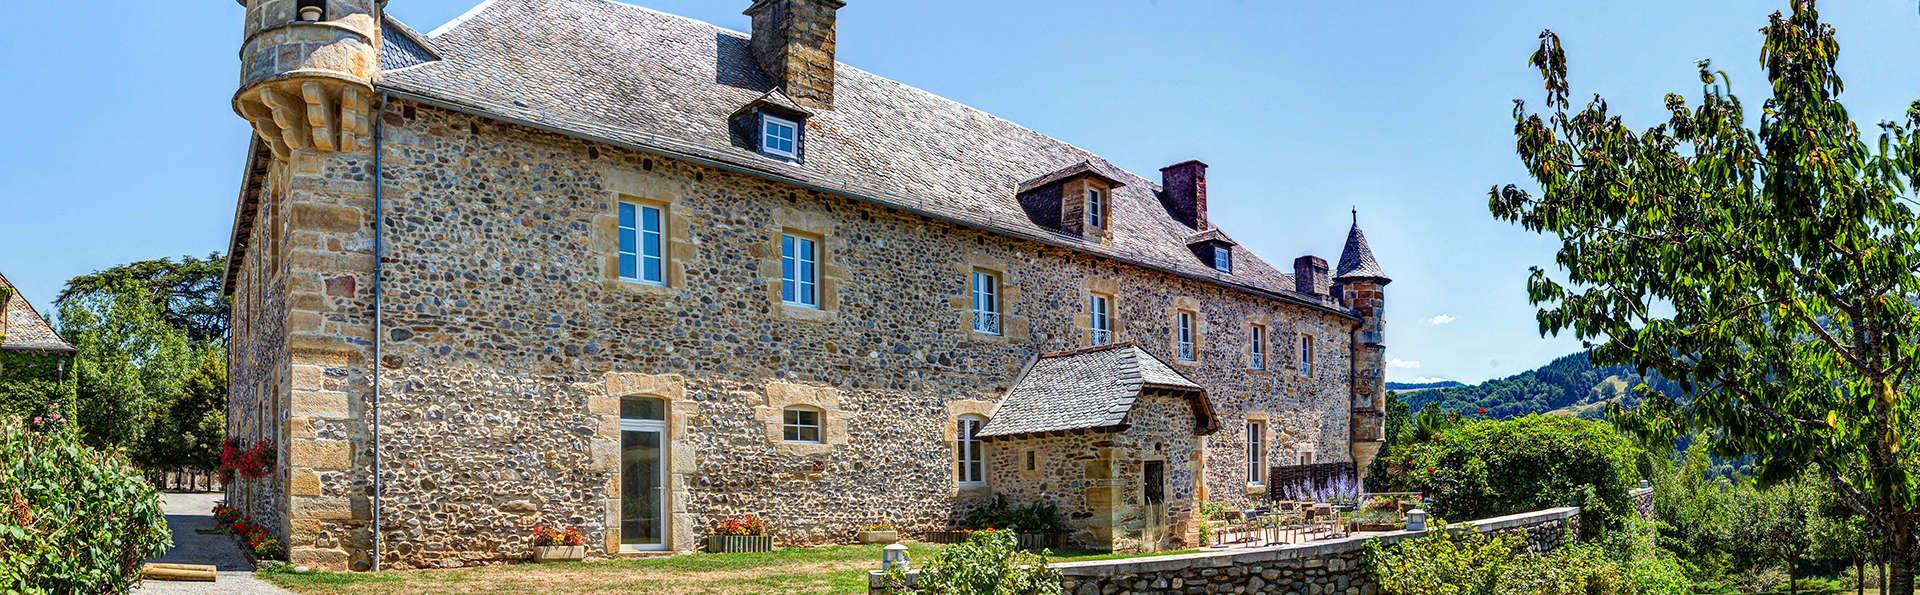 Château de la Falque, The Originals Relais (Relais du Silence) - Edit_Front.jpg